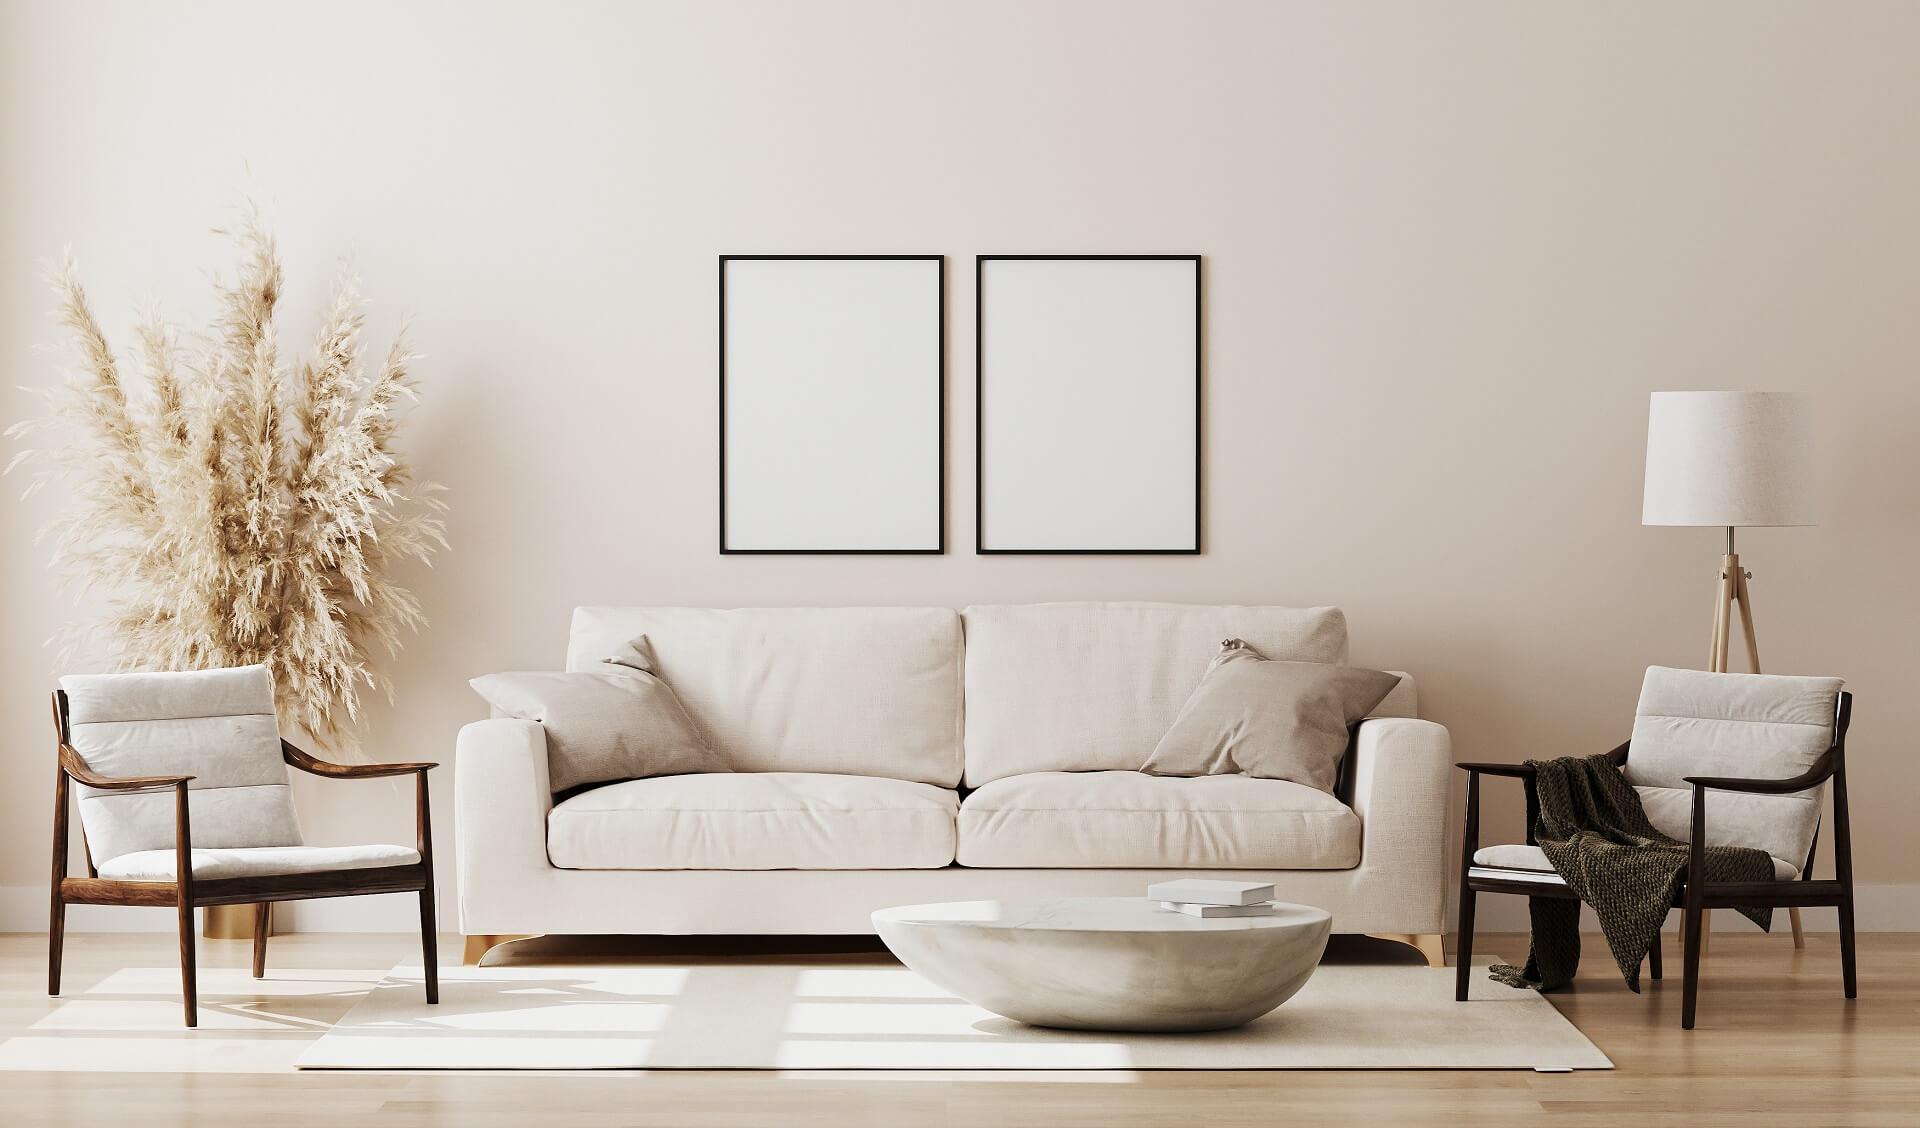 Wall art & decor trends 2021